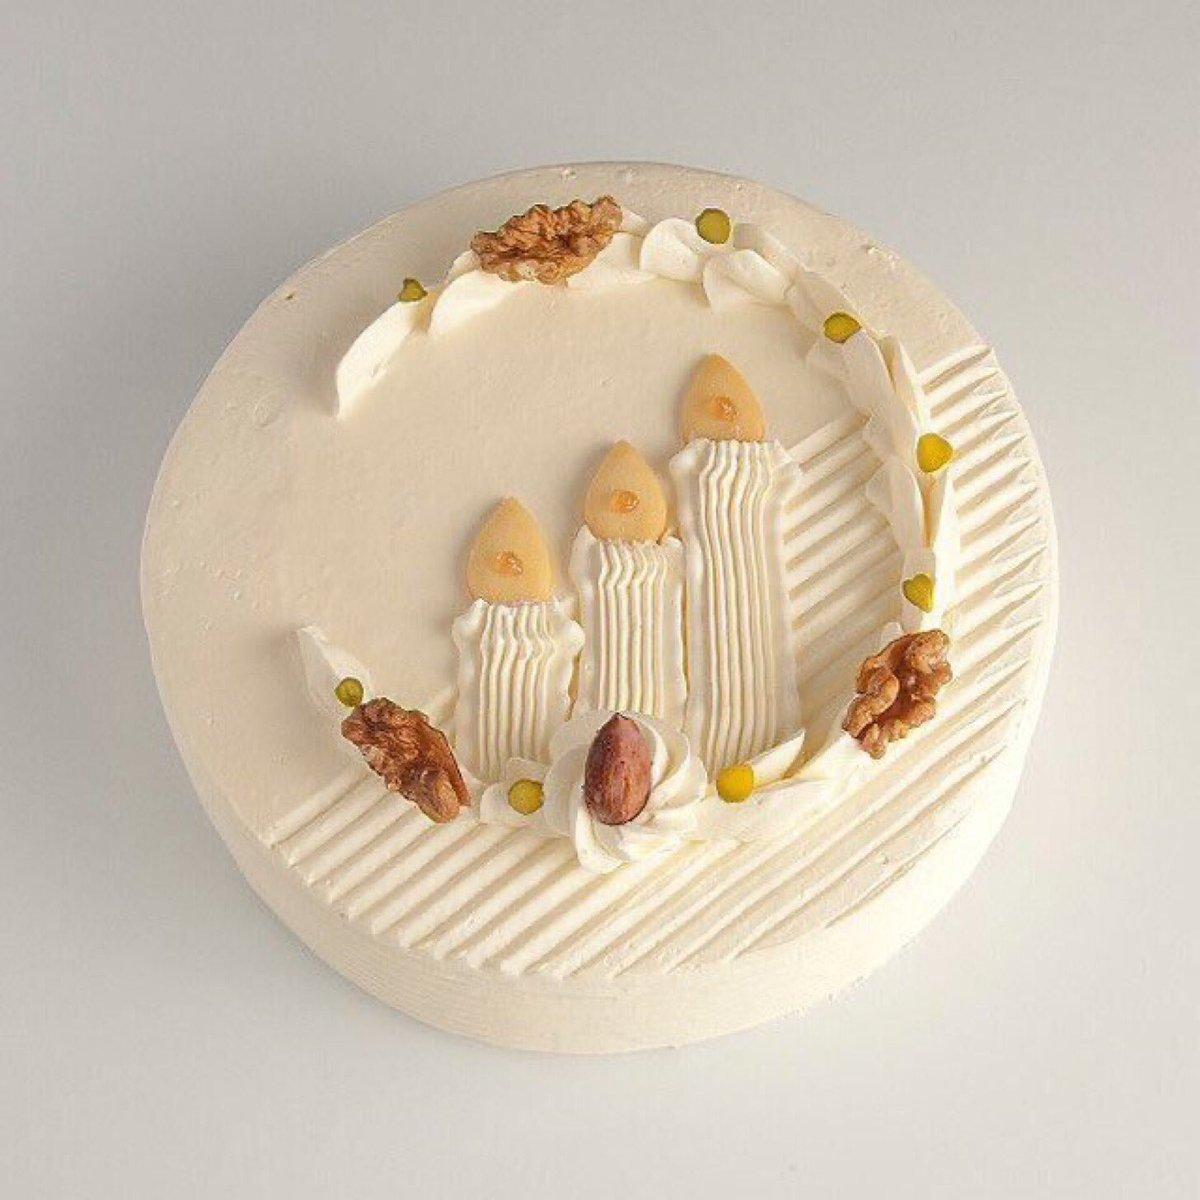 test ツイッターメディア - 【銀座ウエスト『バタークリーム クリスマスケーキ』】 昭和23年創業の洋菓子店「銀座ウエスト」では、今年もクリスマスバージョンになった「バタークリーム」が登場。創業当時から70年以上も愛され続けている名品。 予約は12月19日まで 受け取りは12月23日~25日。 https://t.co/zXsh9ZQxUK https://t.co/PvKCZaQCNy